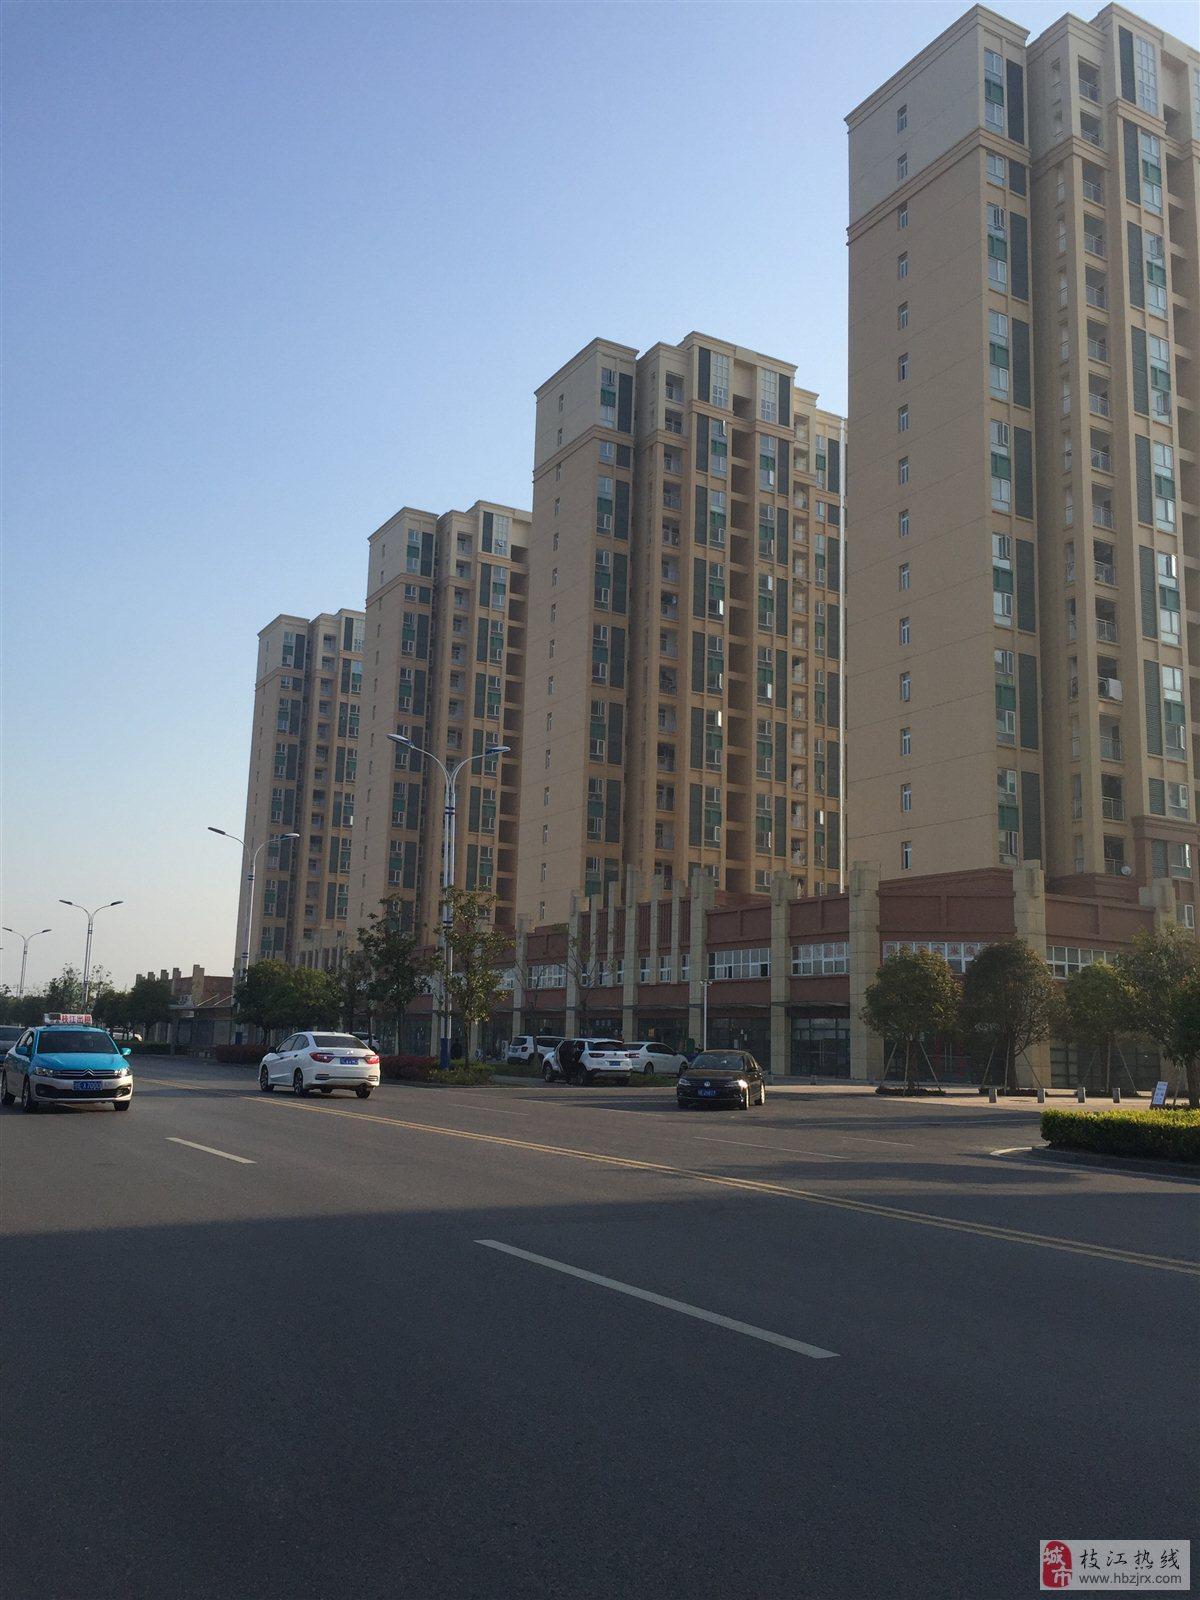 枝江市保障房小区 新房还建房出售 4室2厅2卫41.76万元